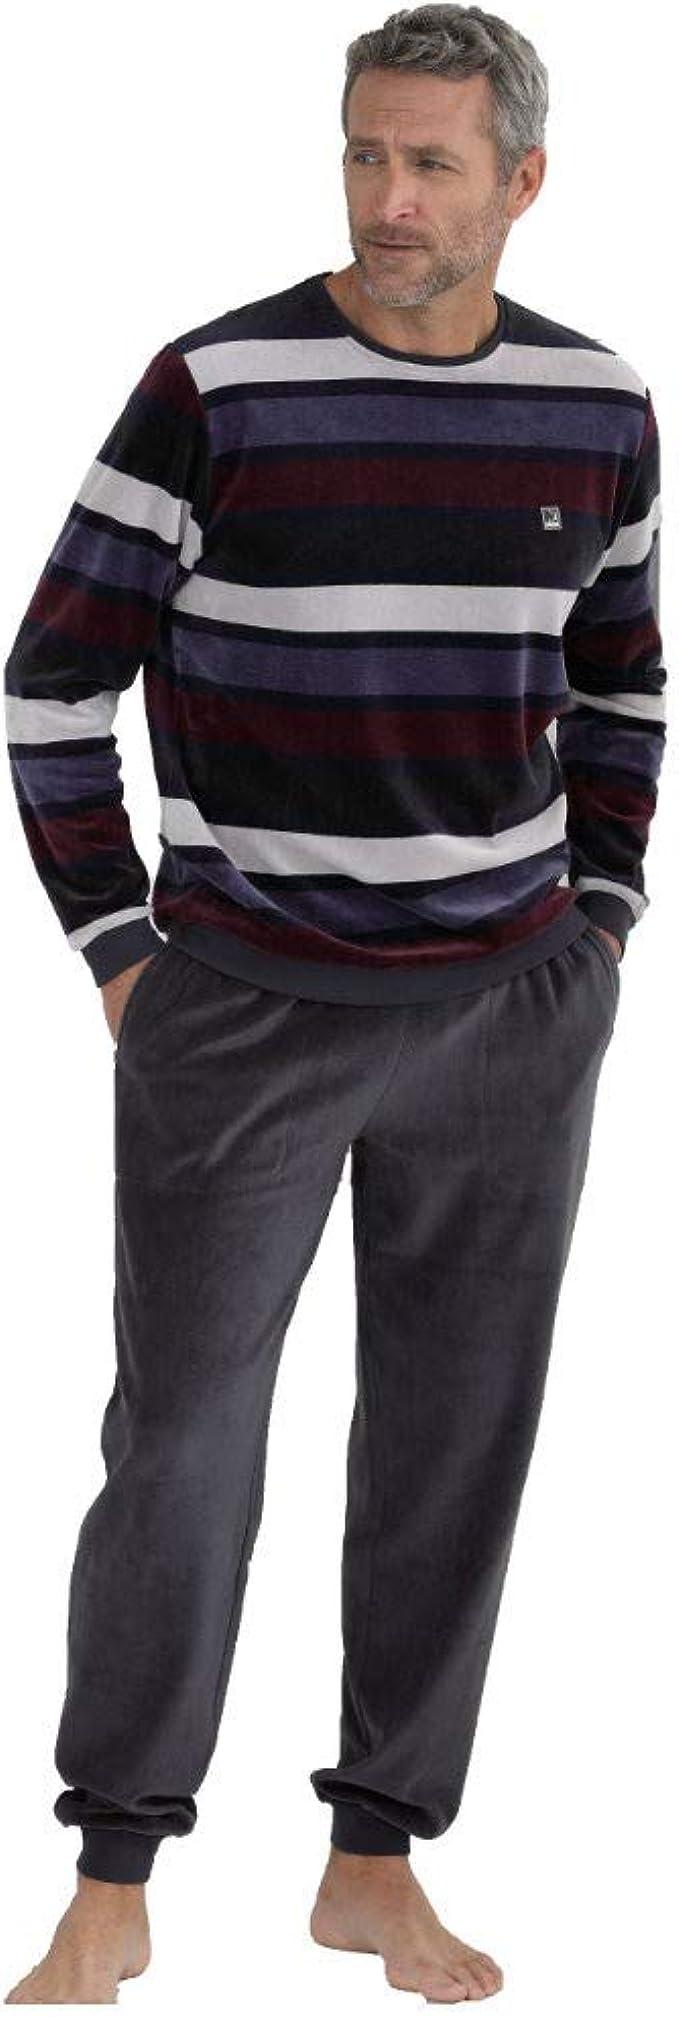 Massana Pijama de Hombre de Terciopelo P701307 - Carbon, L